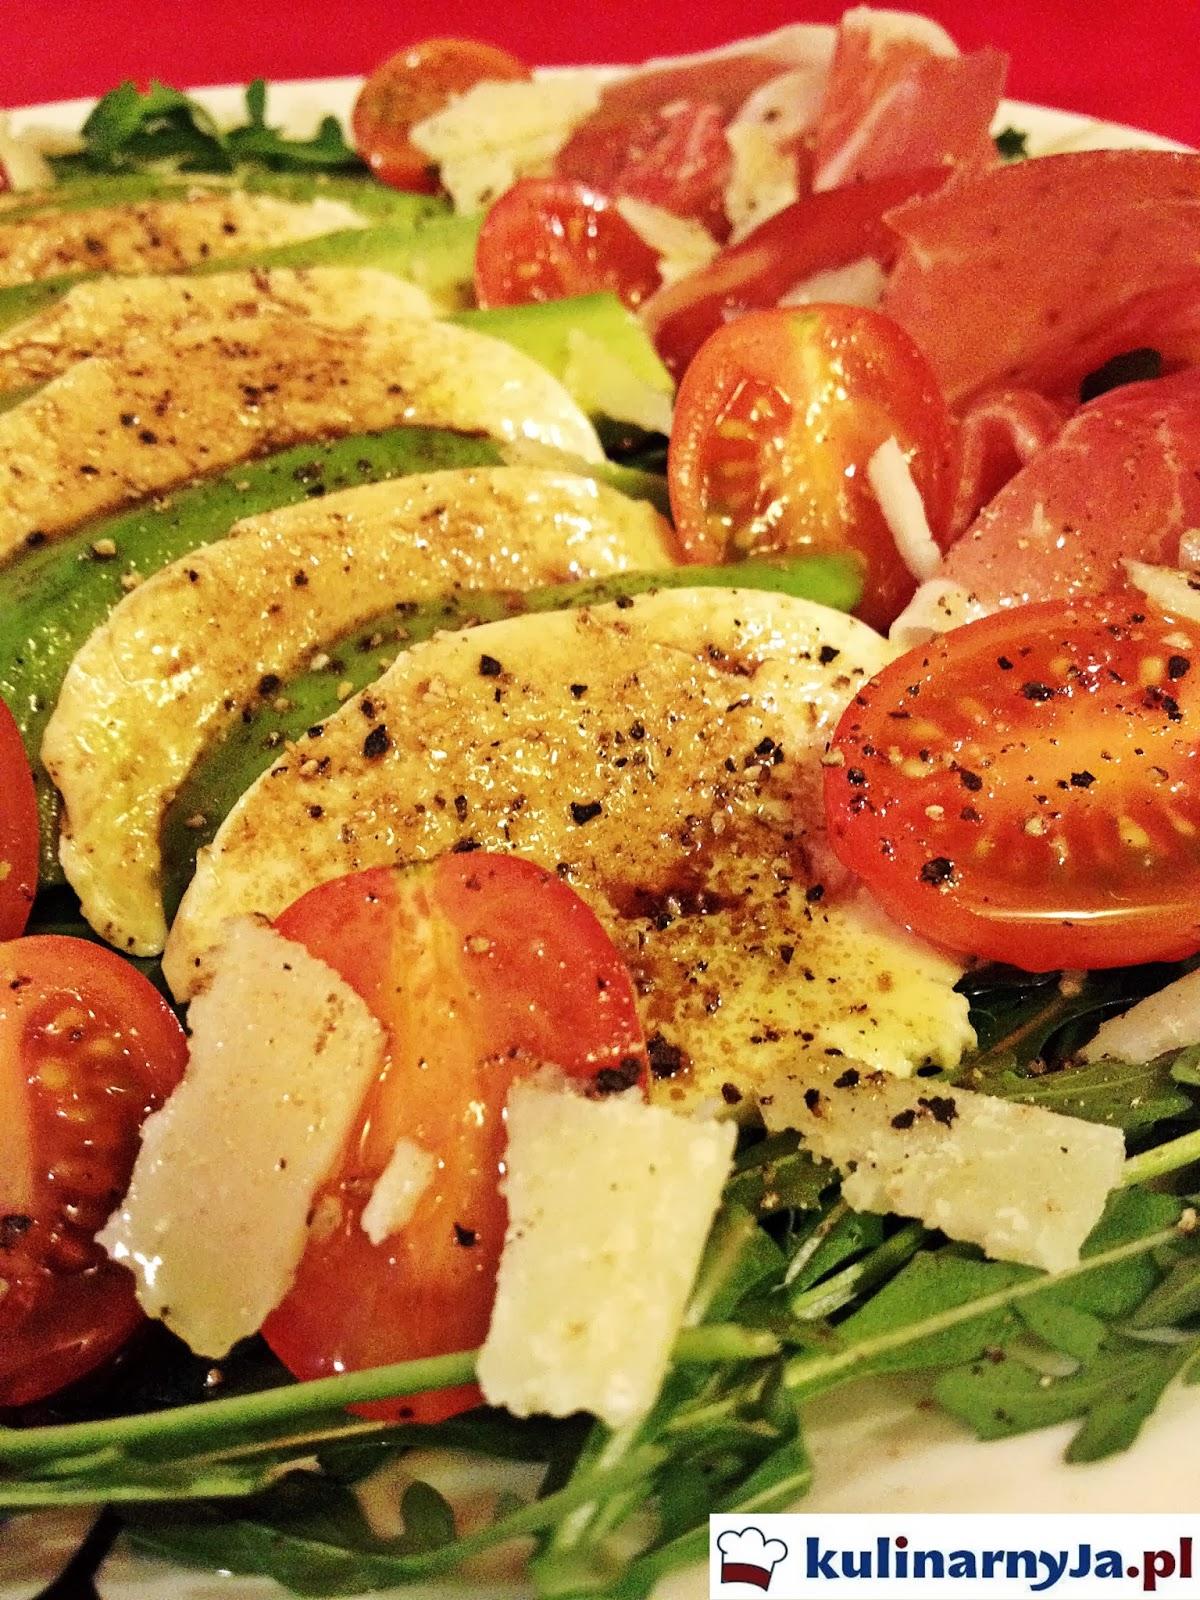 Sałatka z szynką parmeńską, mozzarellą i awokado na rukoli